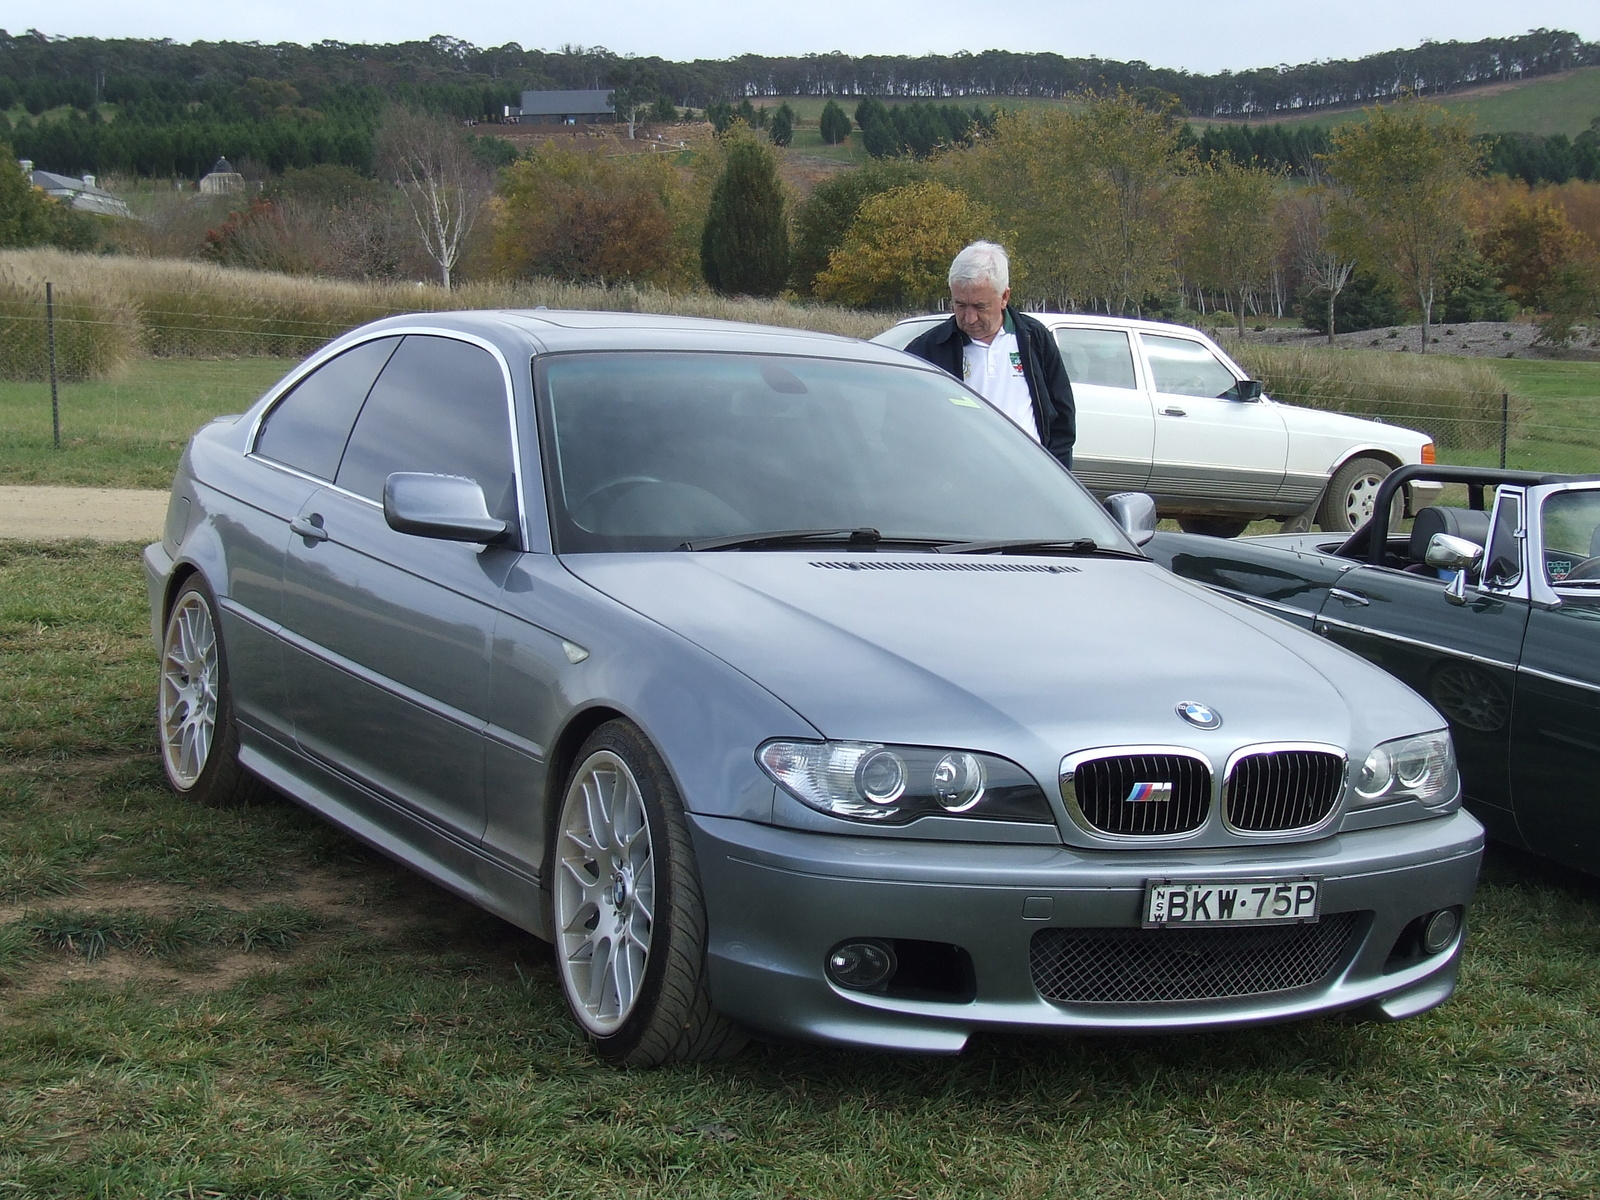 2004 Bmw 3 Series Pictures Cargurus